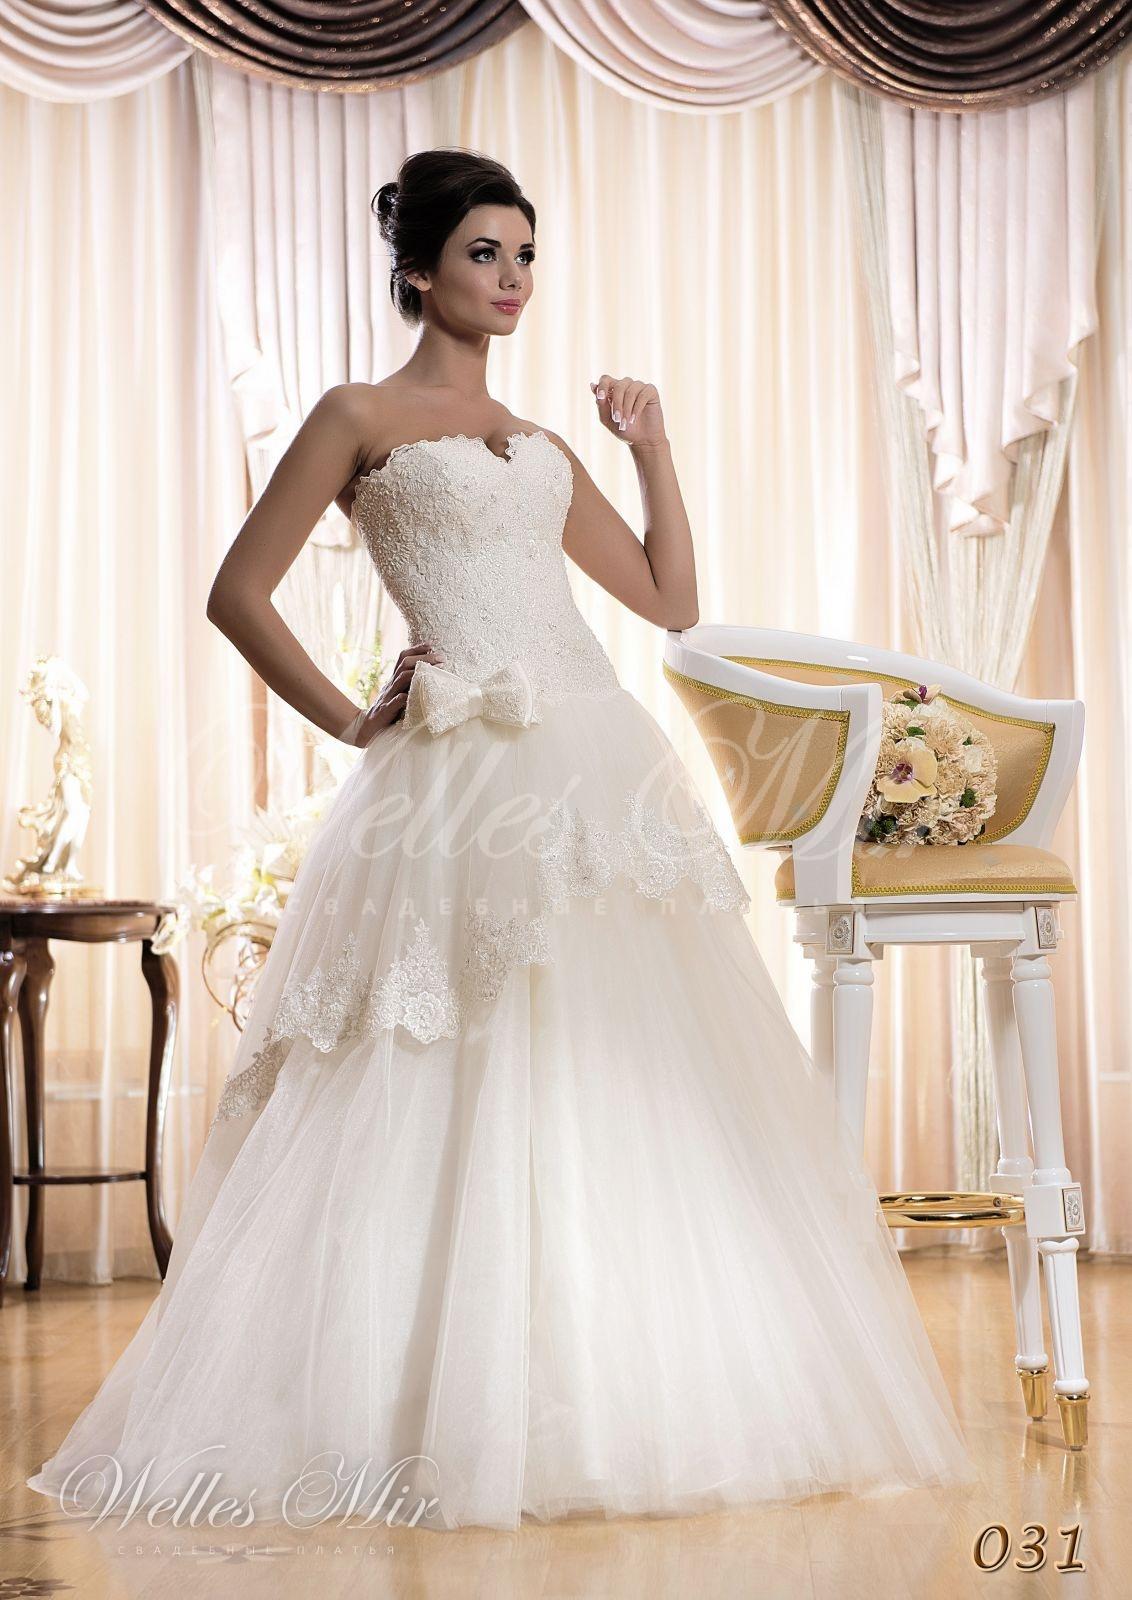 Свадебные платья Romantic Dream - 031